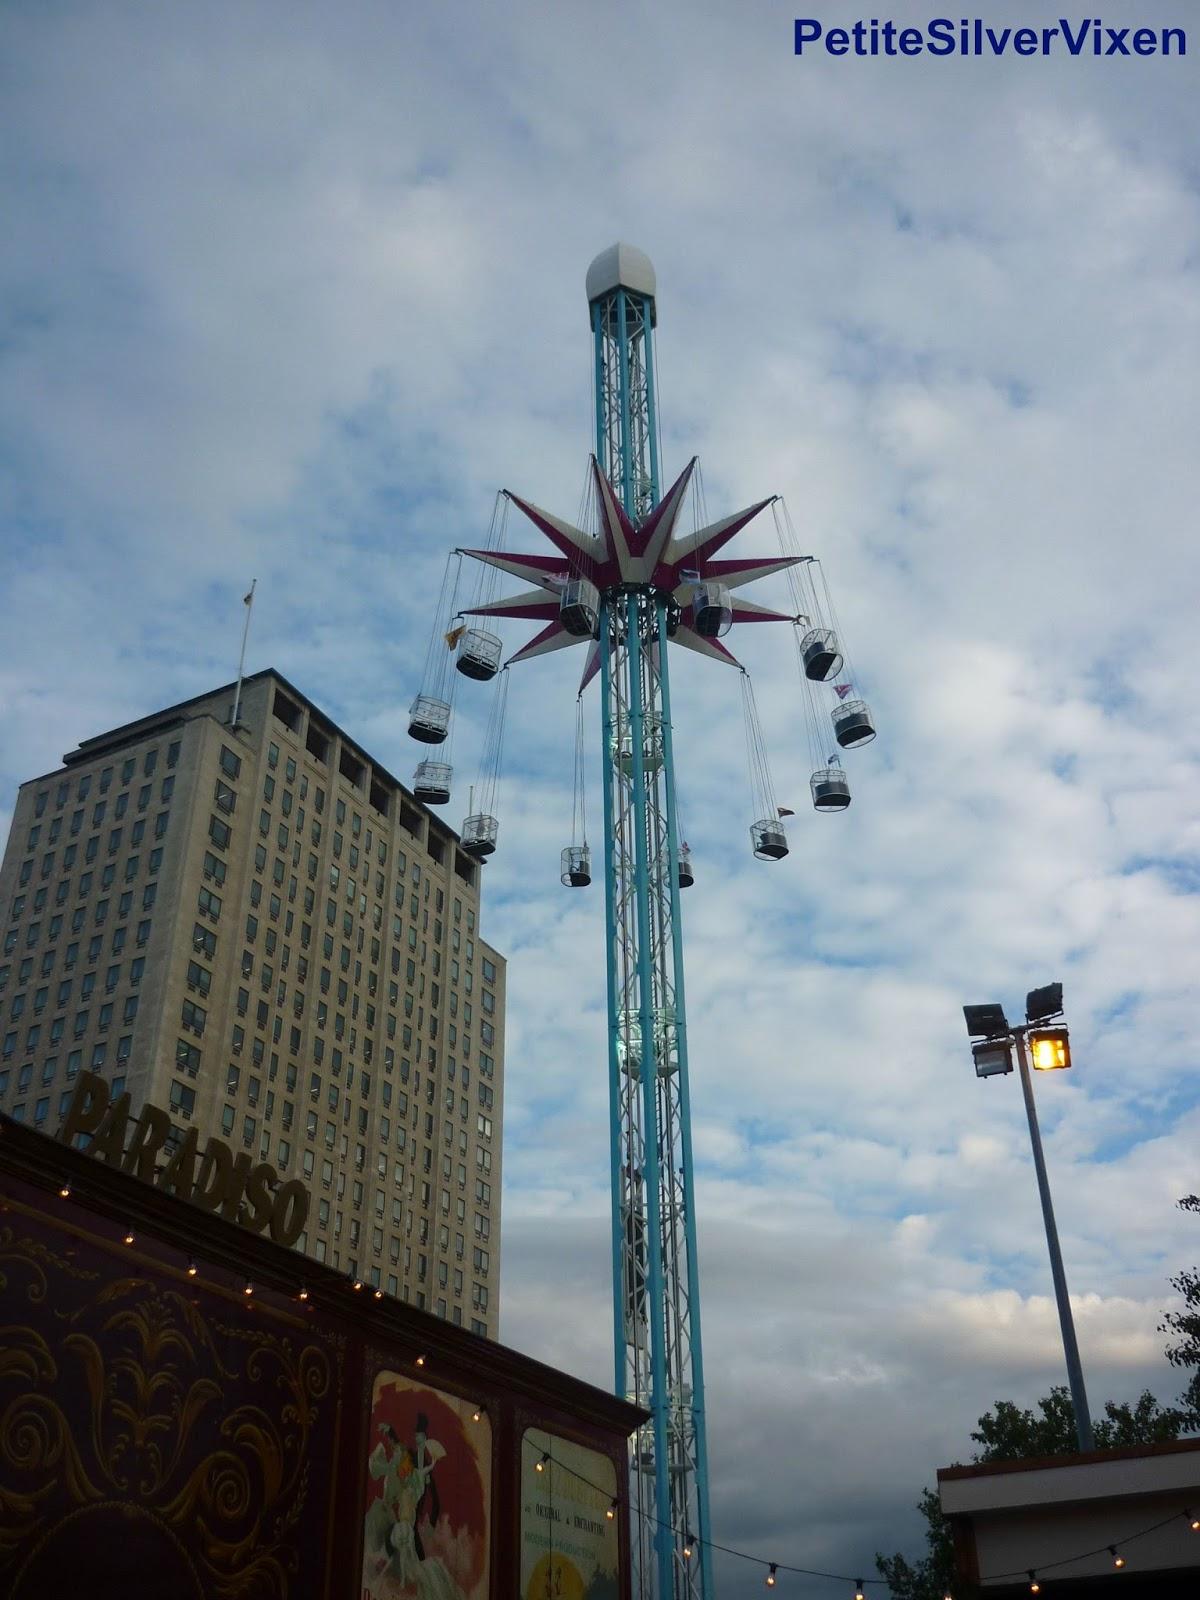 Fairground Ride | Petite Silver Vixen